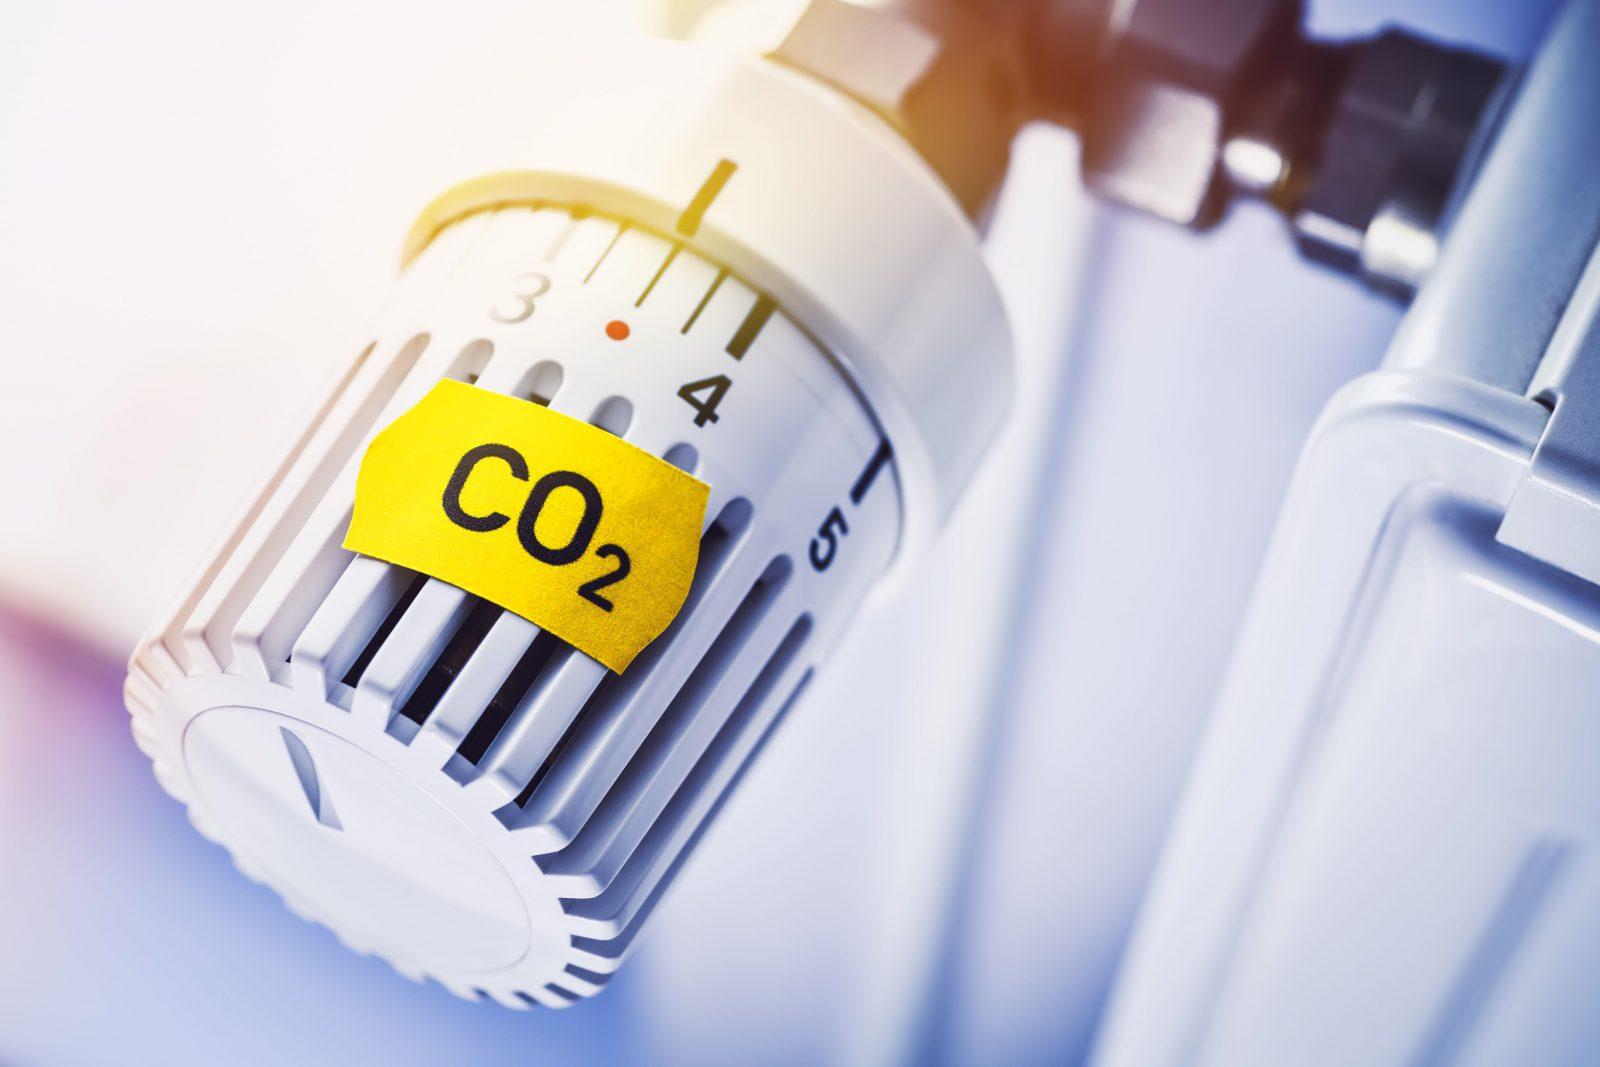 Heizungsthermostat: Kraftstoffe werden teuer